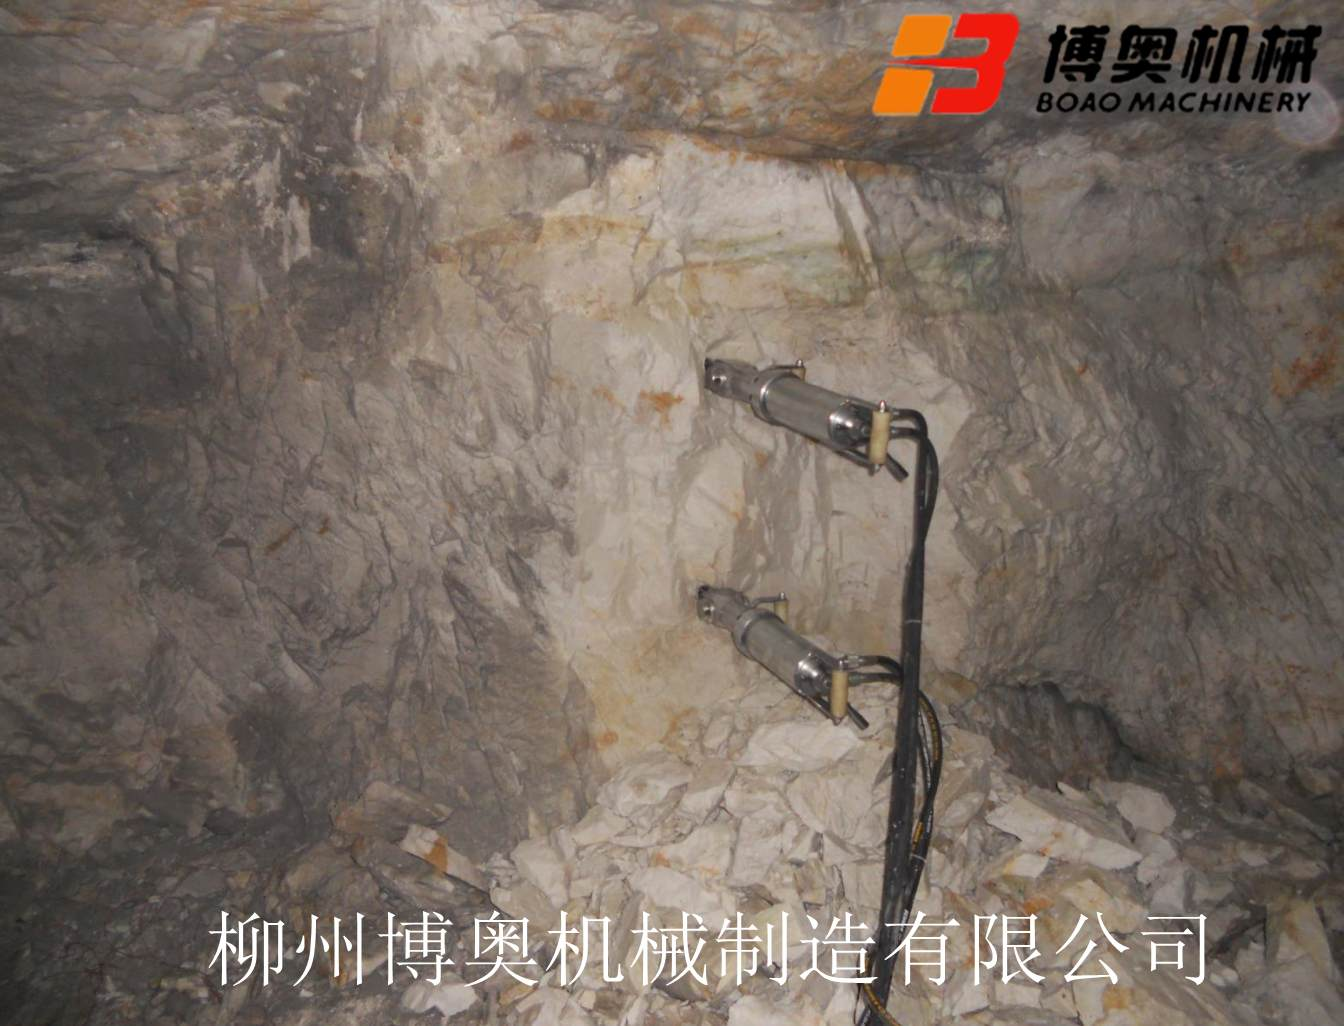 蚌埠静态大型劈裂机厂